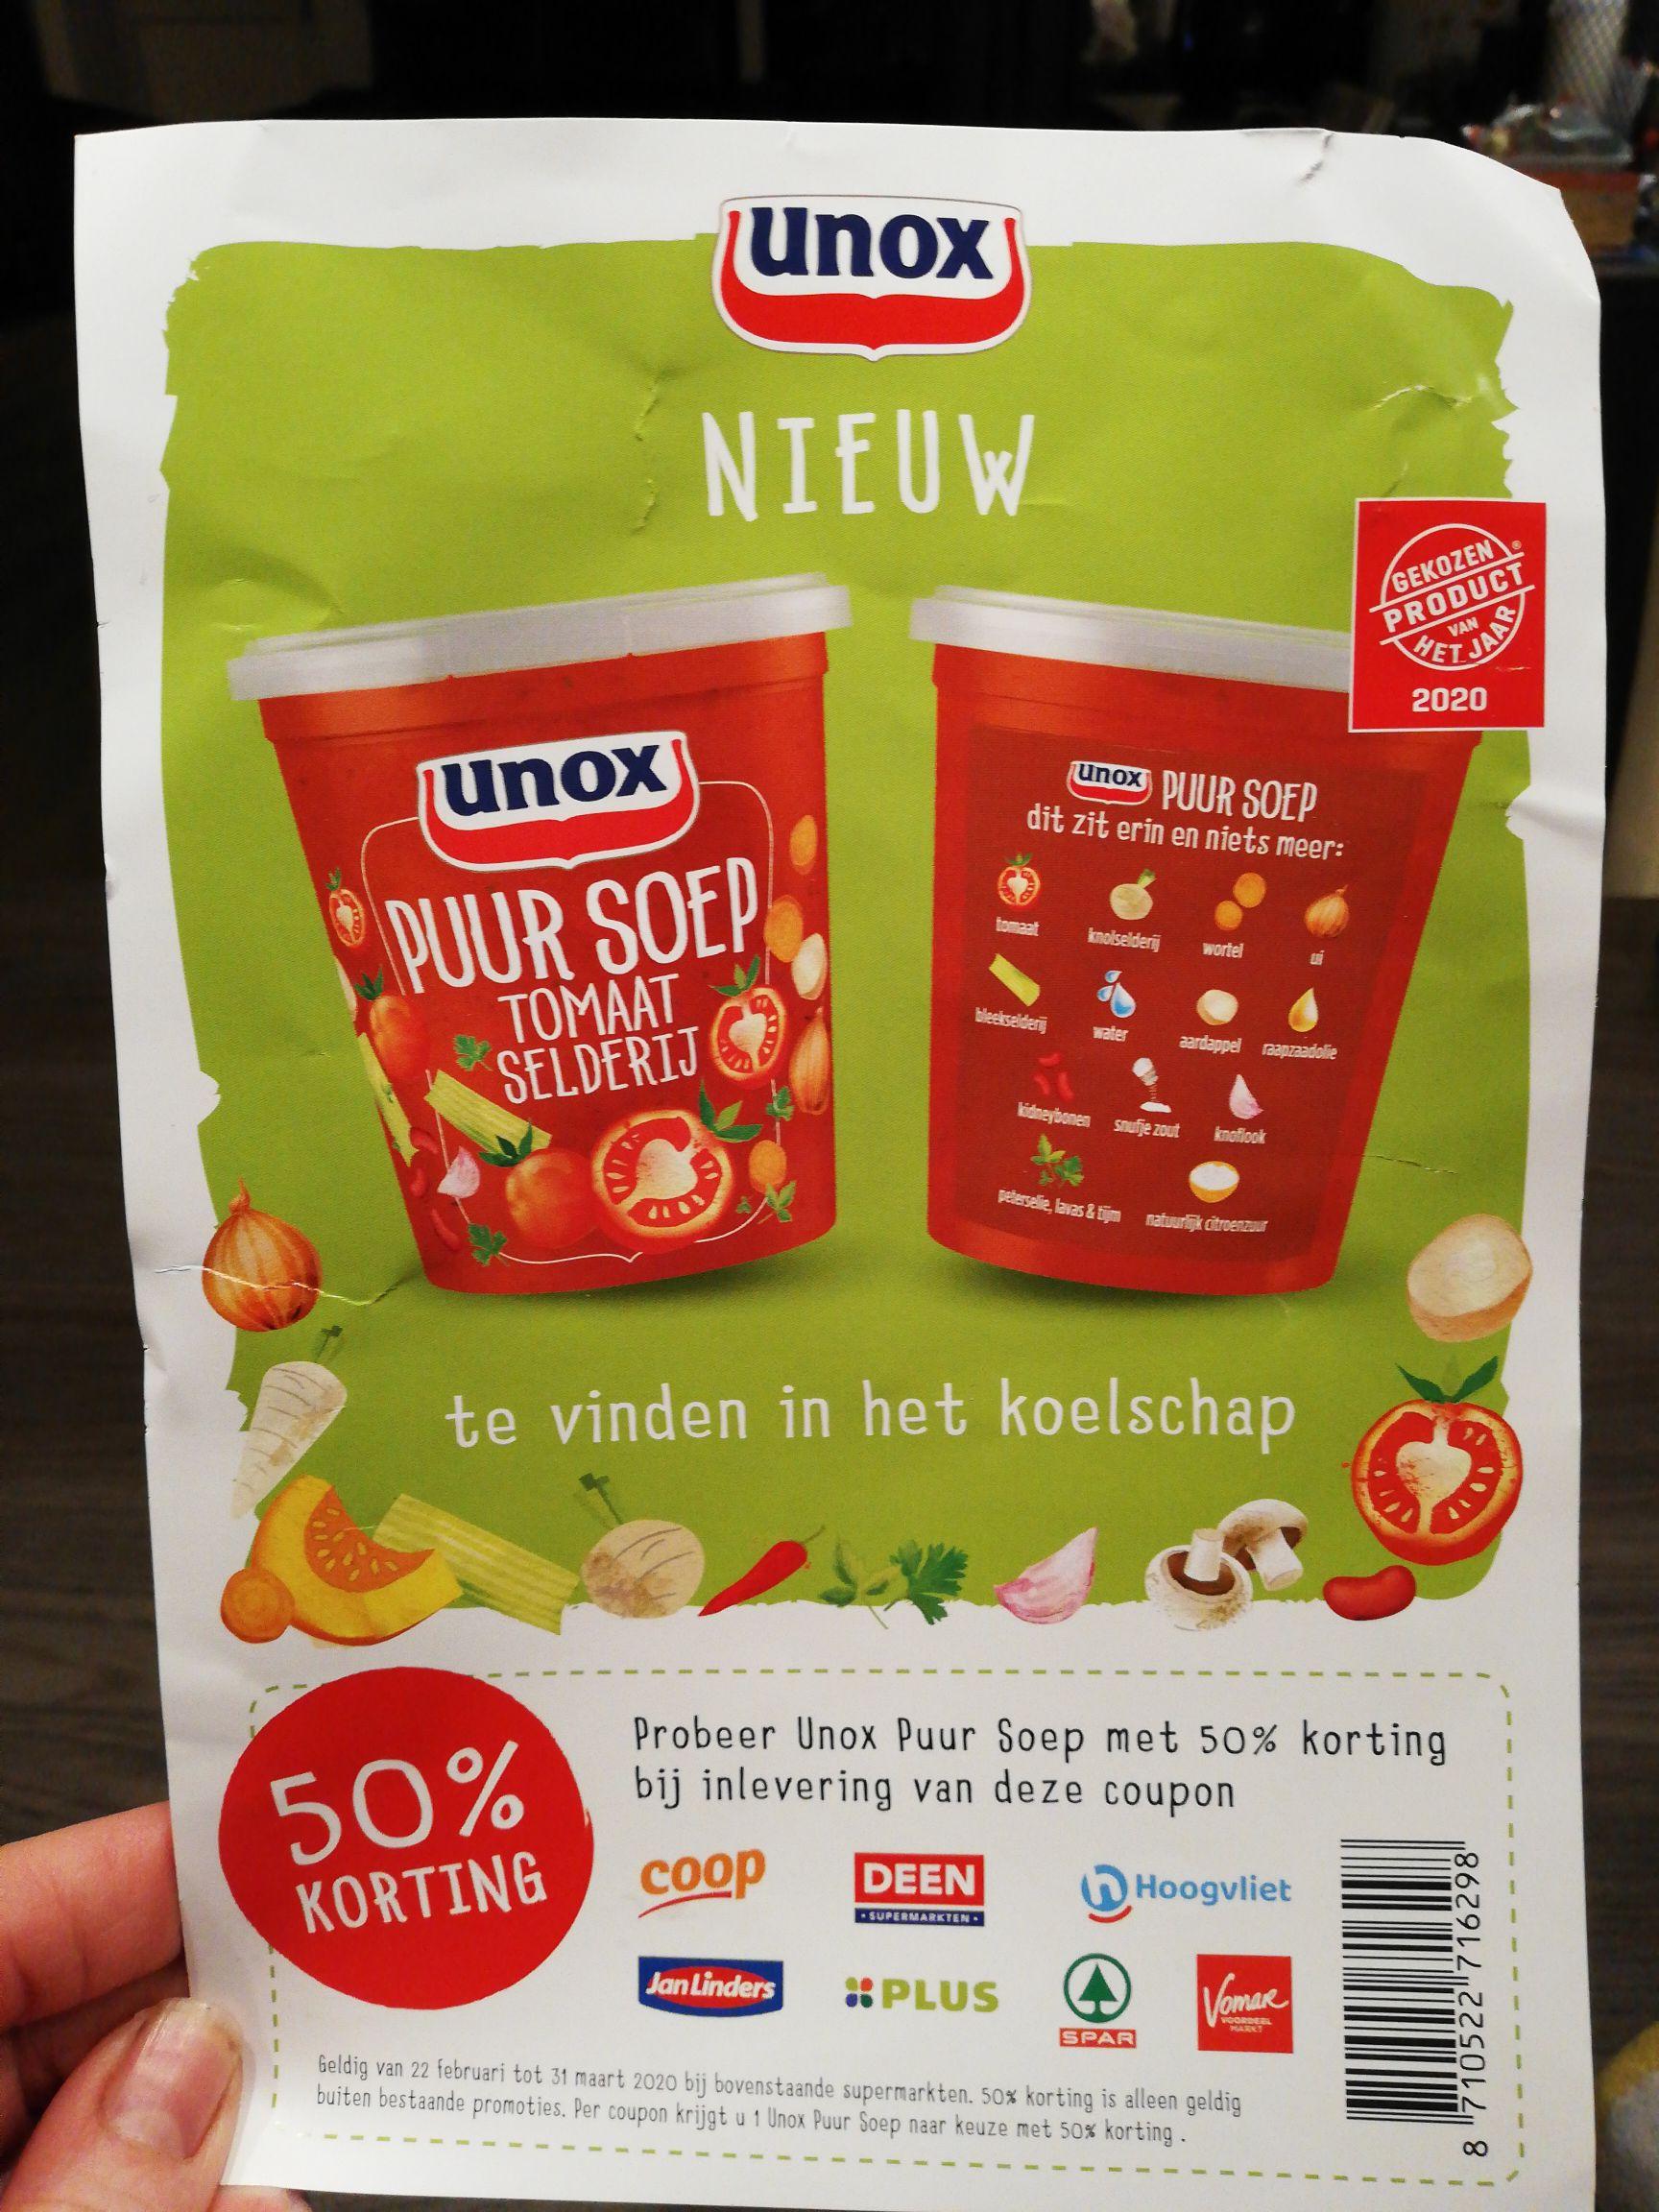 Unox puur soep 50 procent korting